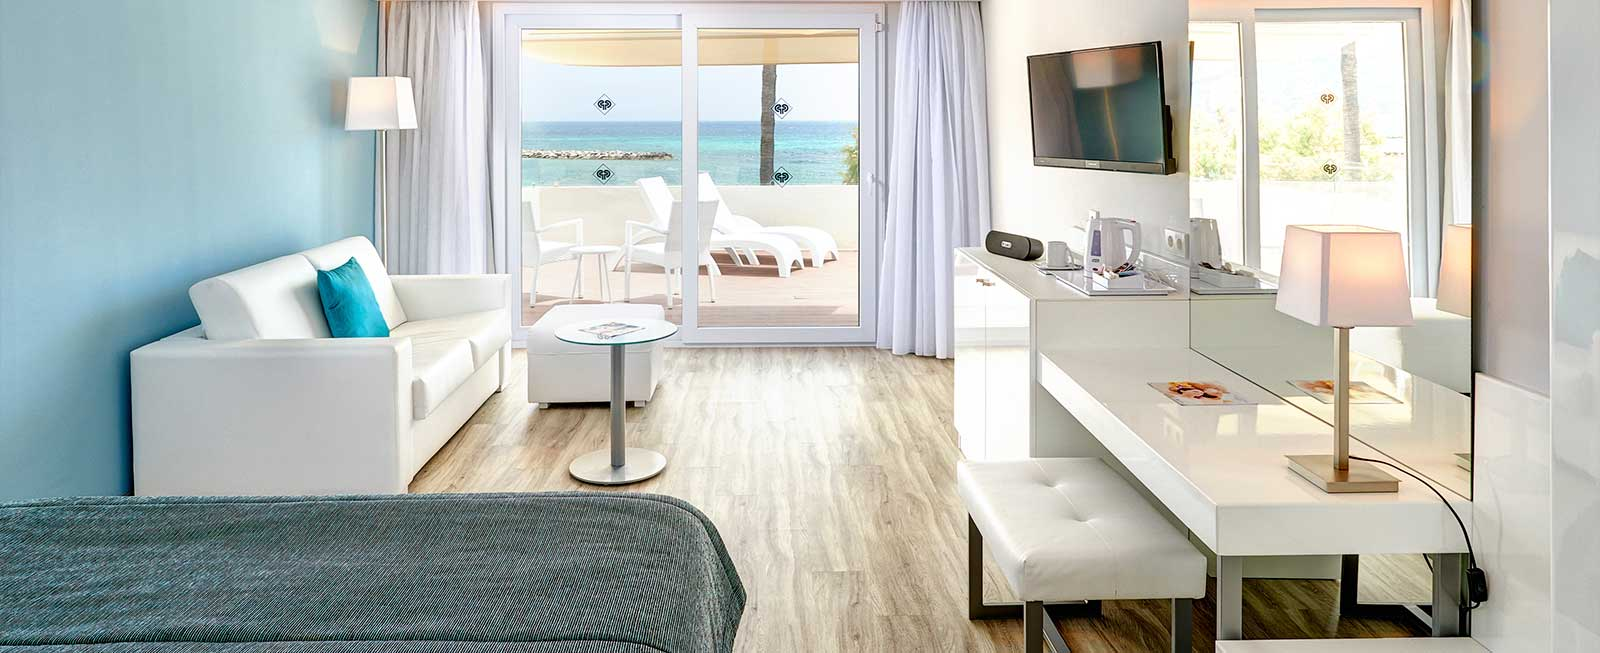 Protur Alicia Hotel Habitación Doble Select